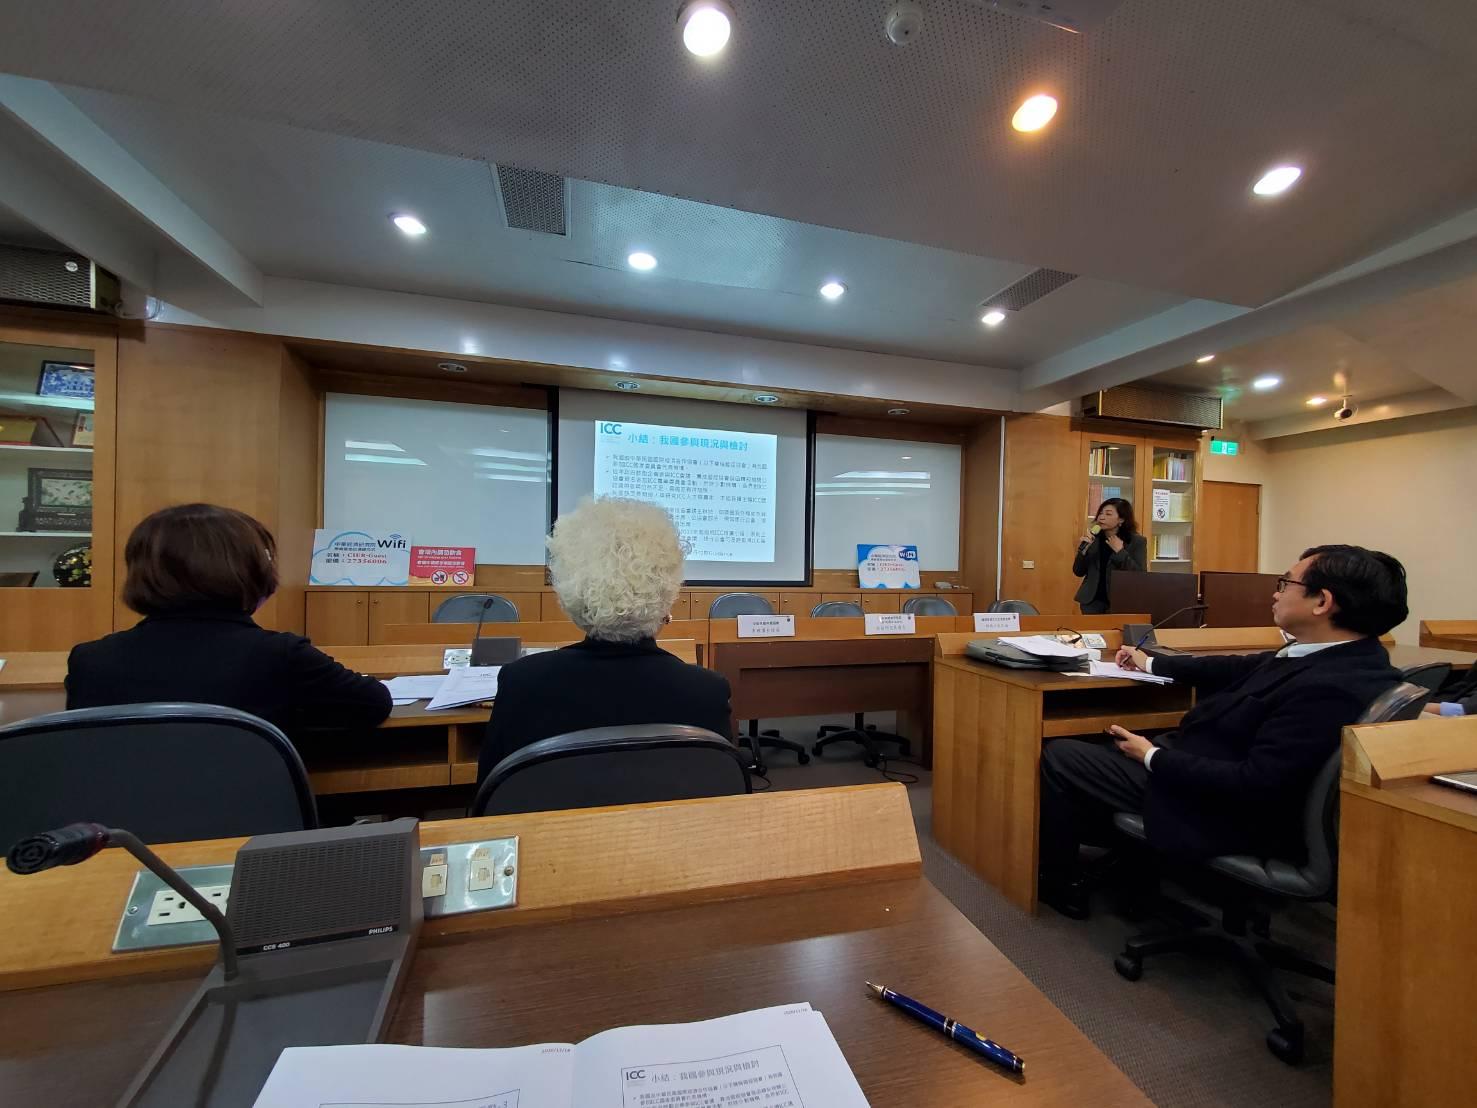 本所陳怡伸律師受邀出席中華經濟研究院WTO及RTA中心主辦的「我國參與國際商會(ICC)專業委員會之重點議題與實務經驗」分享會